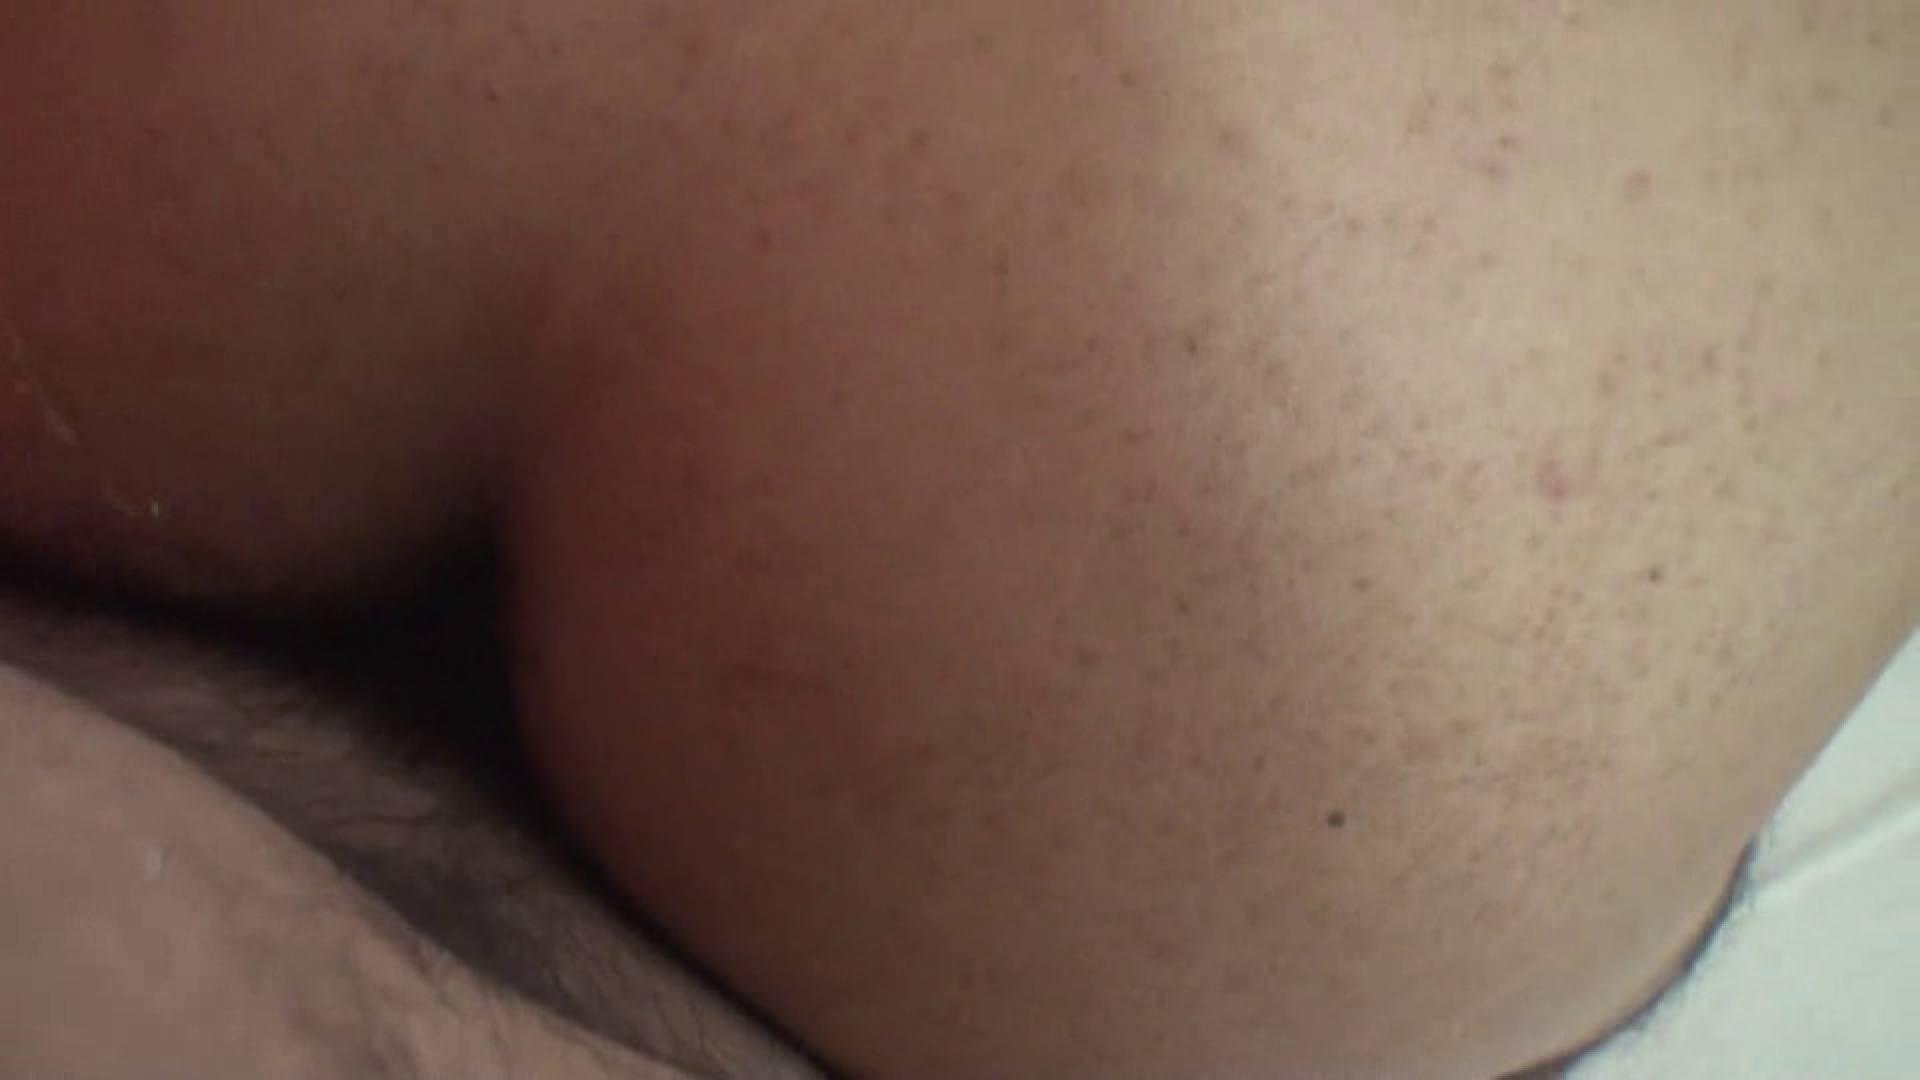 HD 良太と健二当たり前の日常 セックス編 VOL.03 カップル ゲイアダルト画像 72連発 47